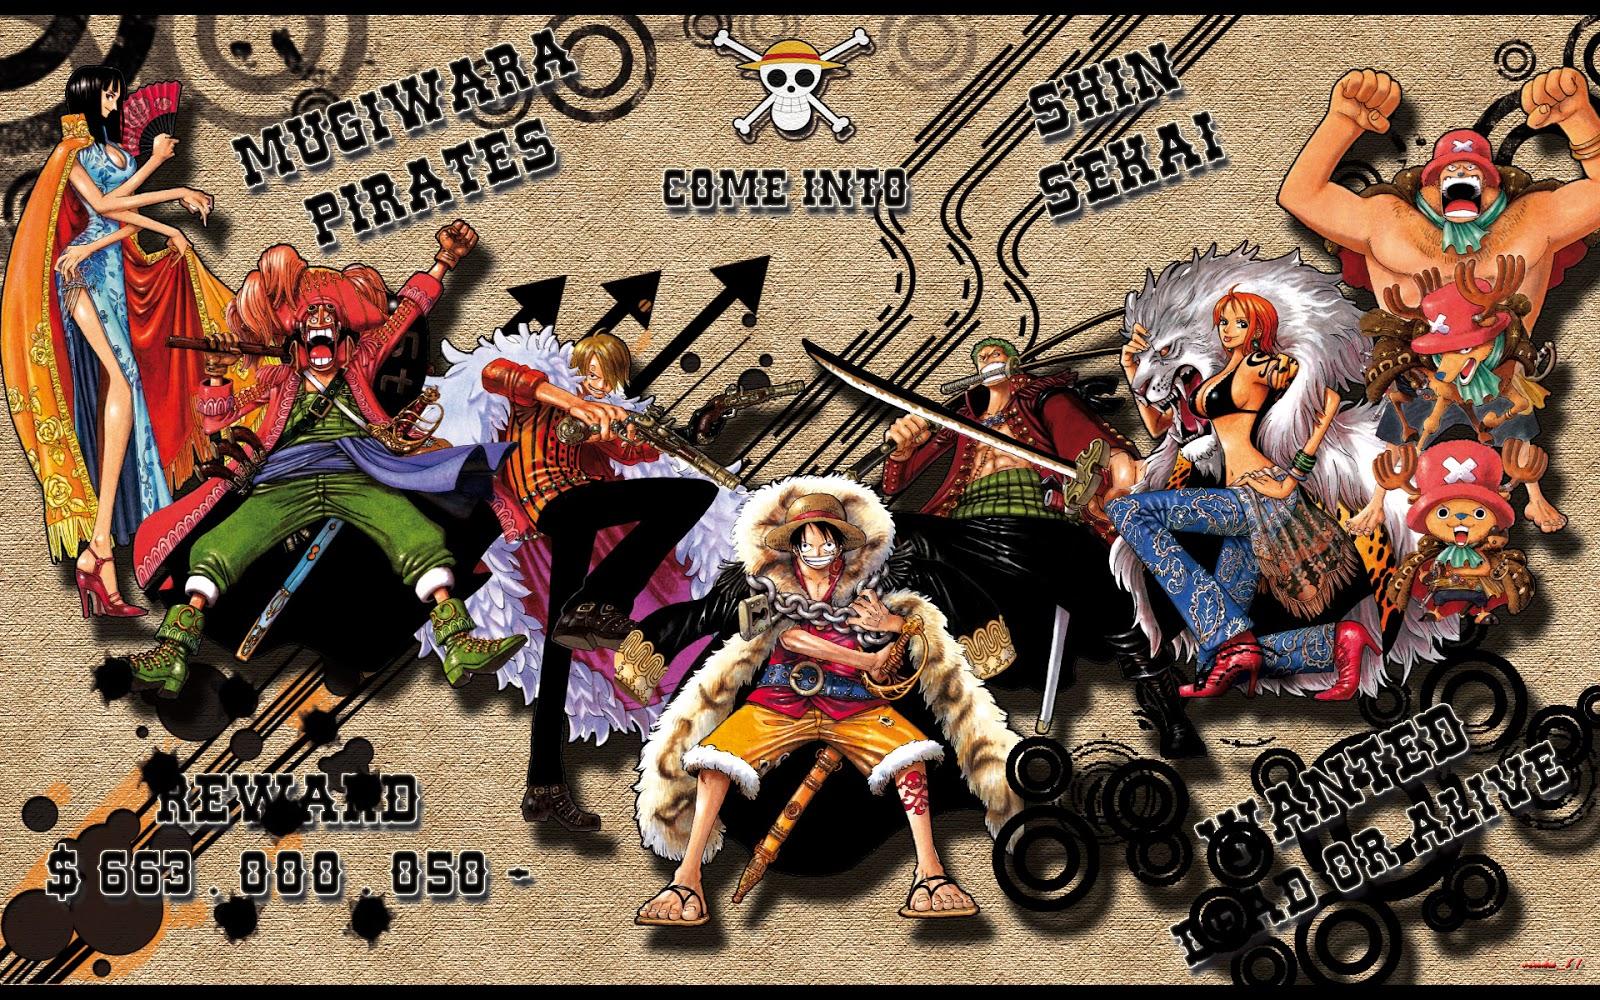 New World One Piece Hd Wallpaper Desktop